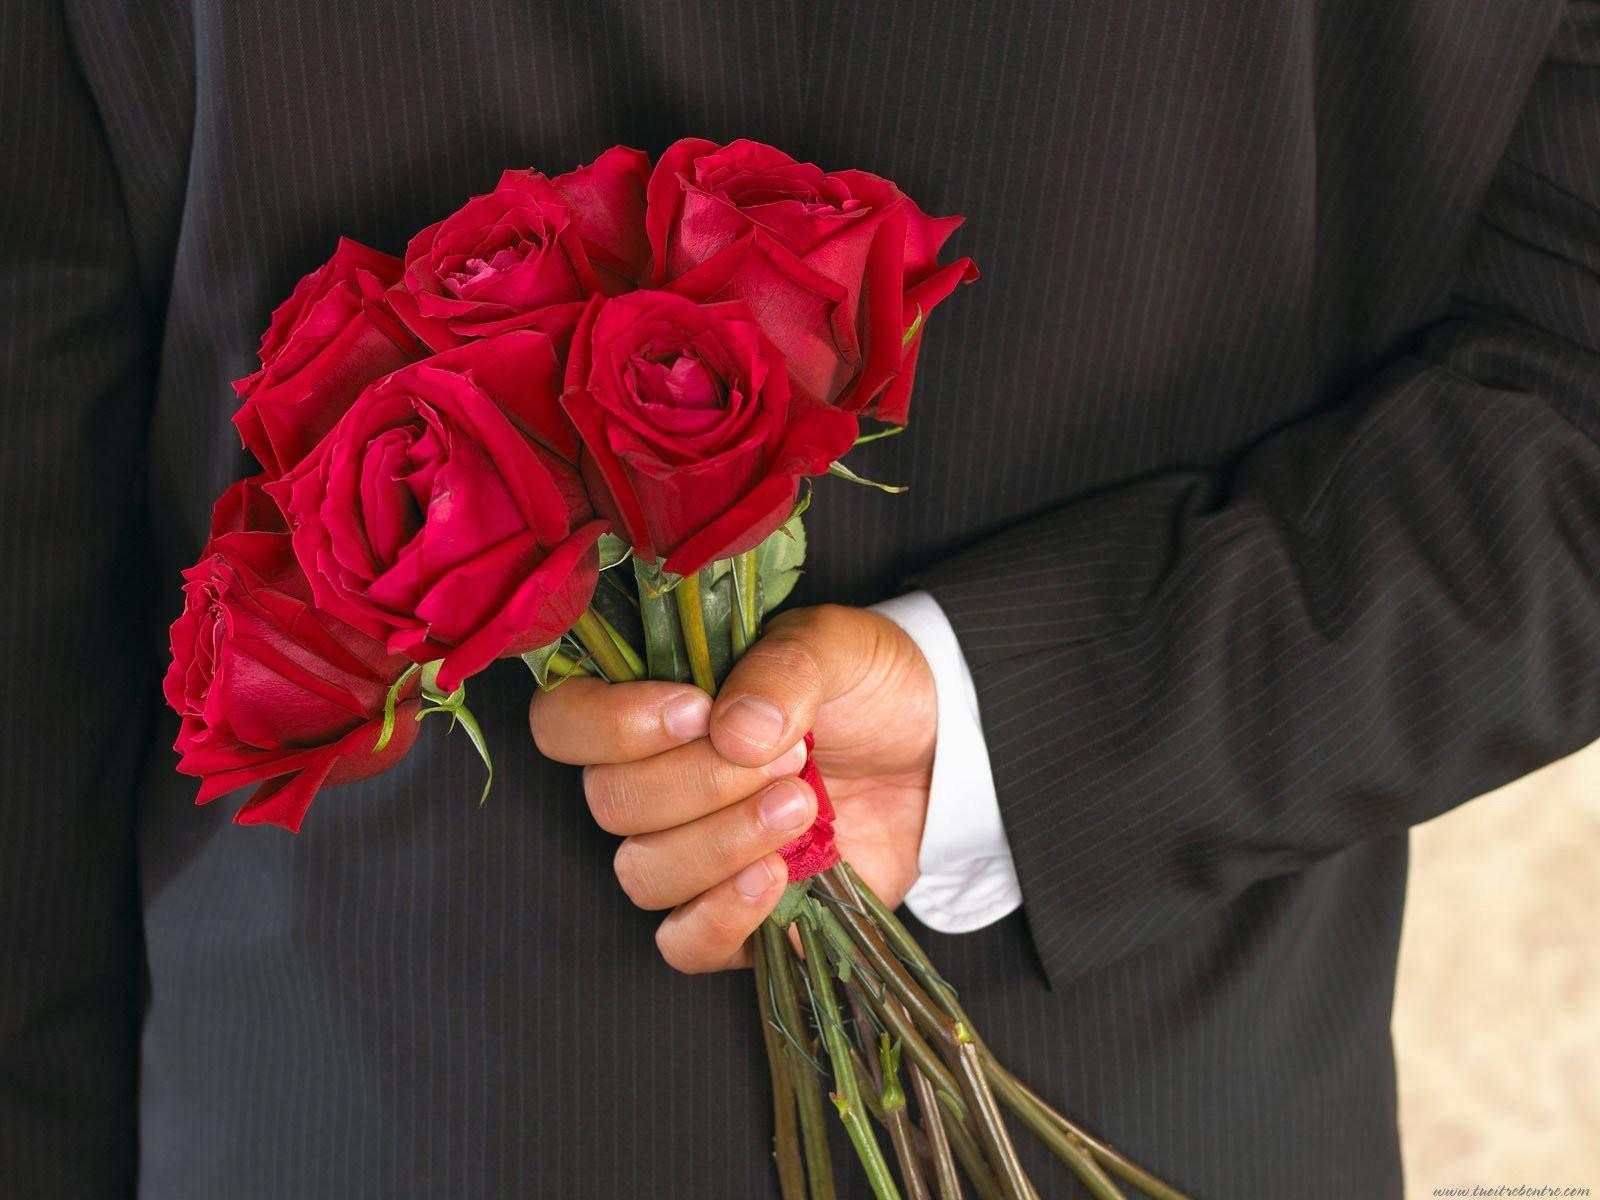 На 8 марта интерес к доставке цветов больше, чем в День всех влюбленных.